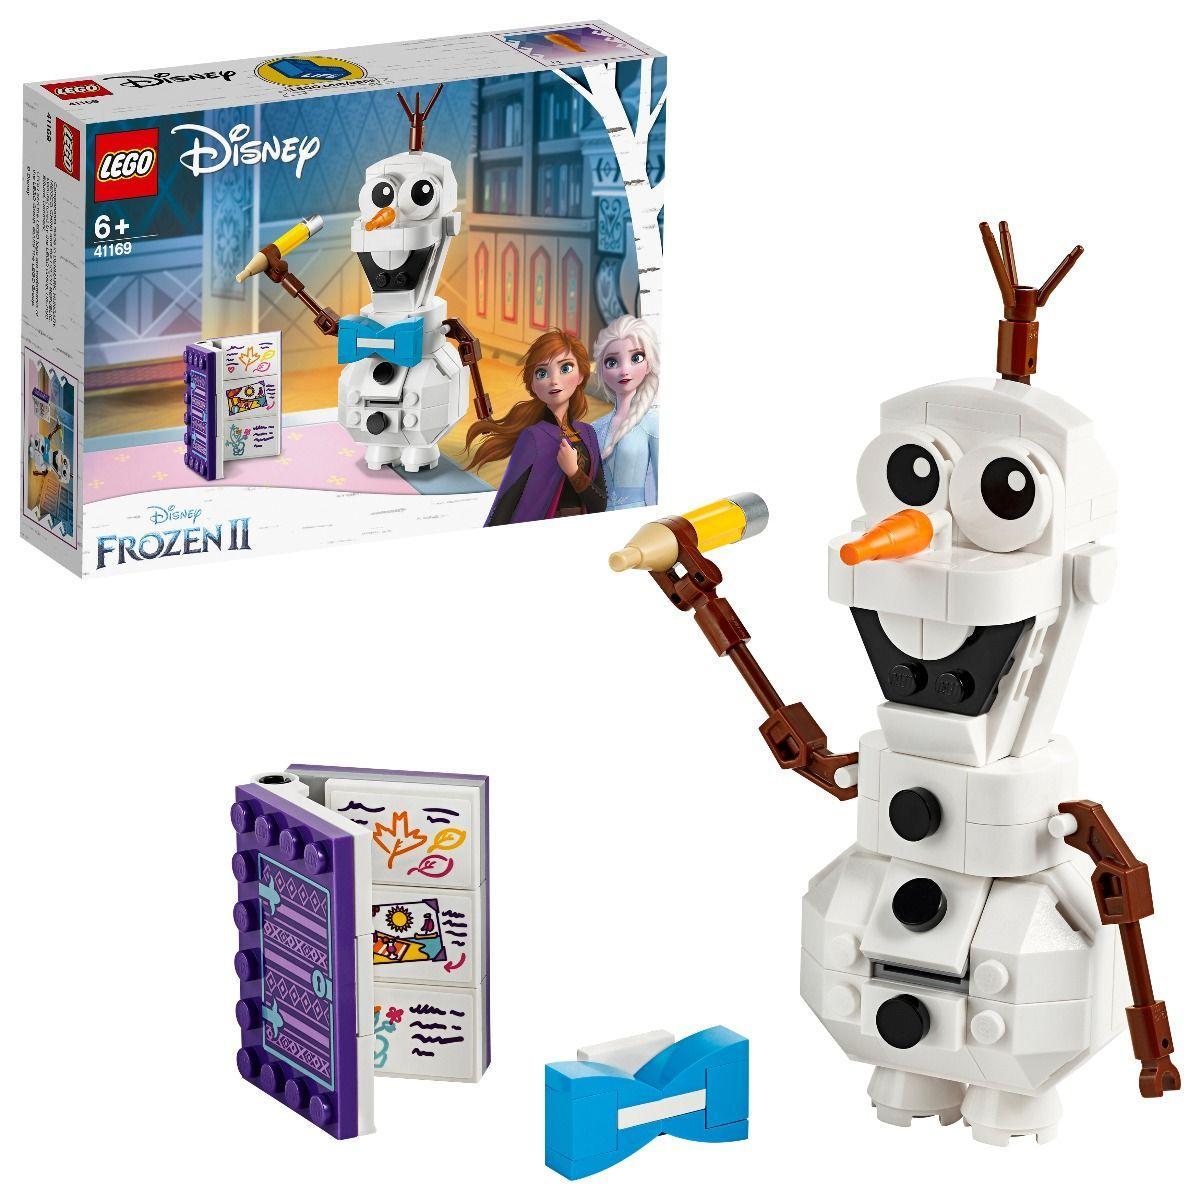 Конструктор LEGO: Олаф Disney Princess 41169